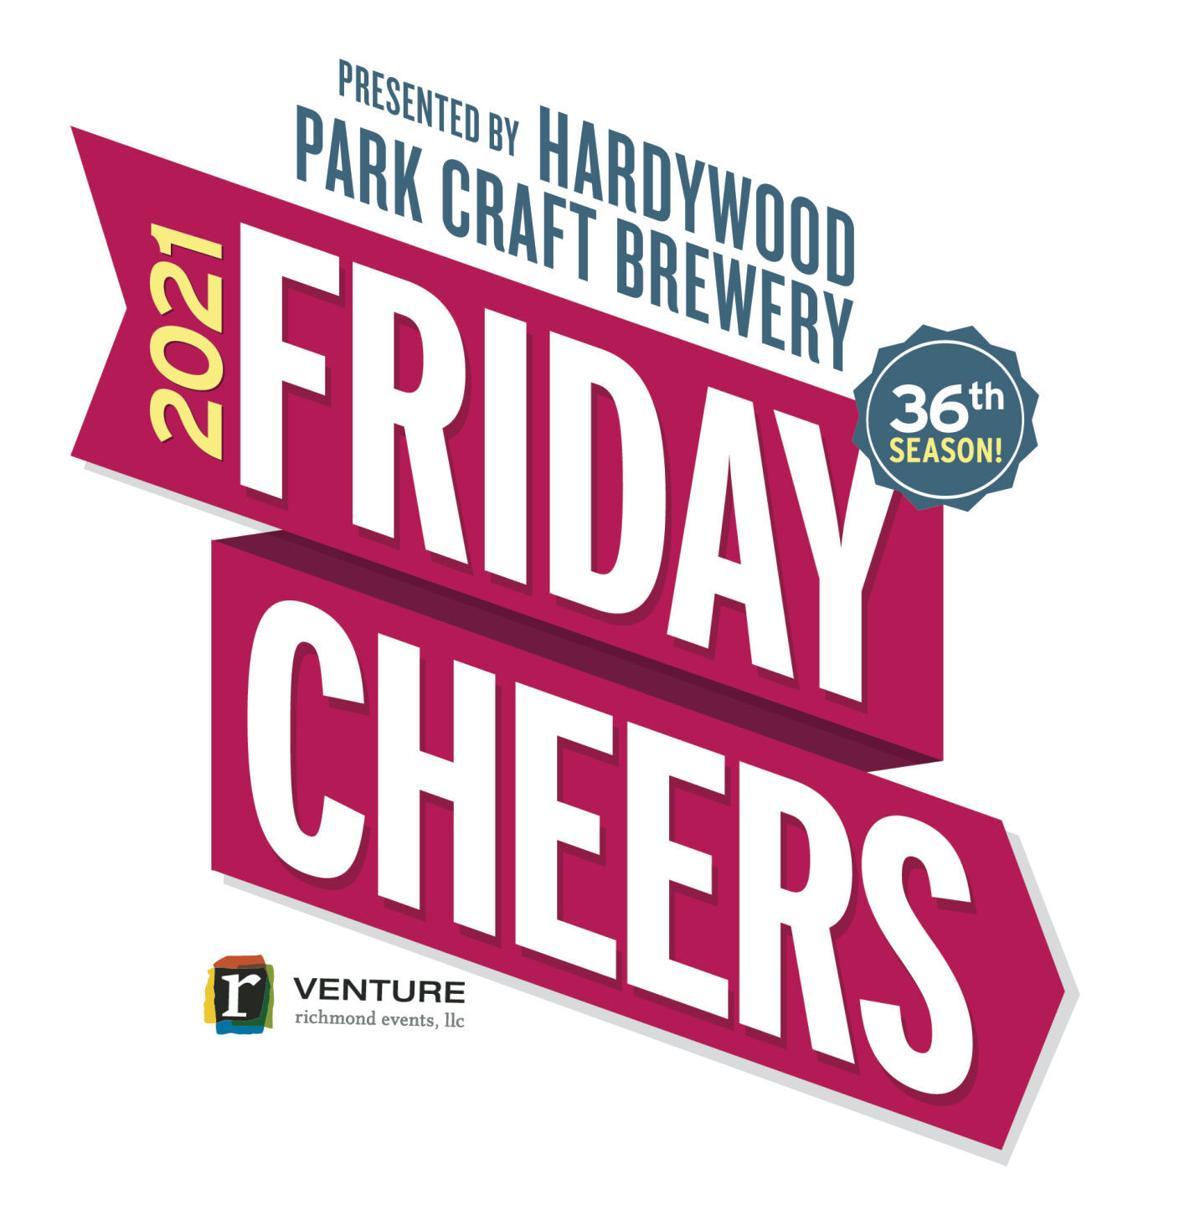 FridayCheers2021 logo HARDYWOOD